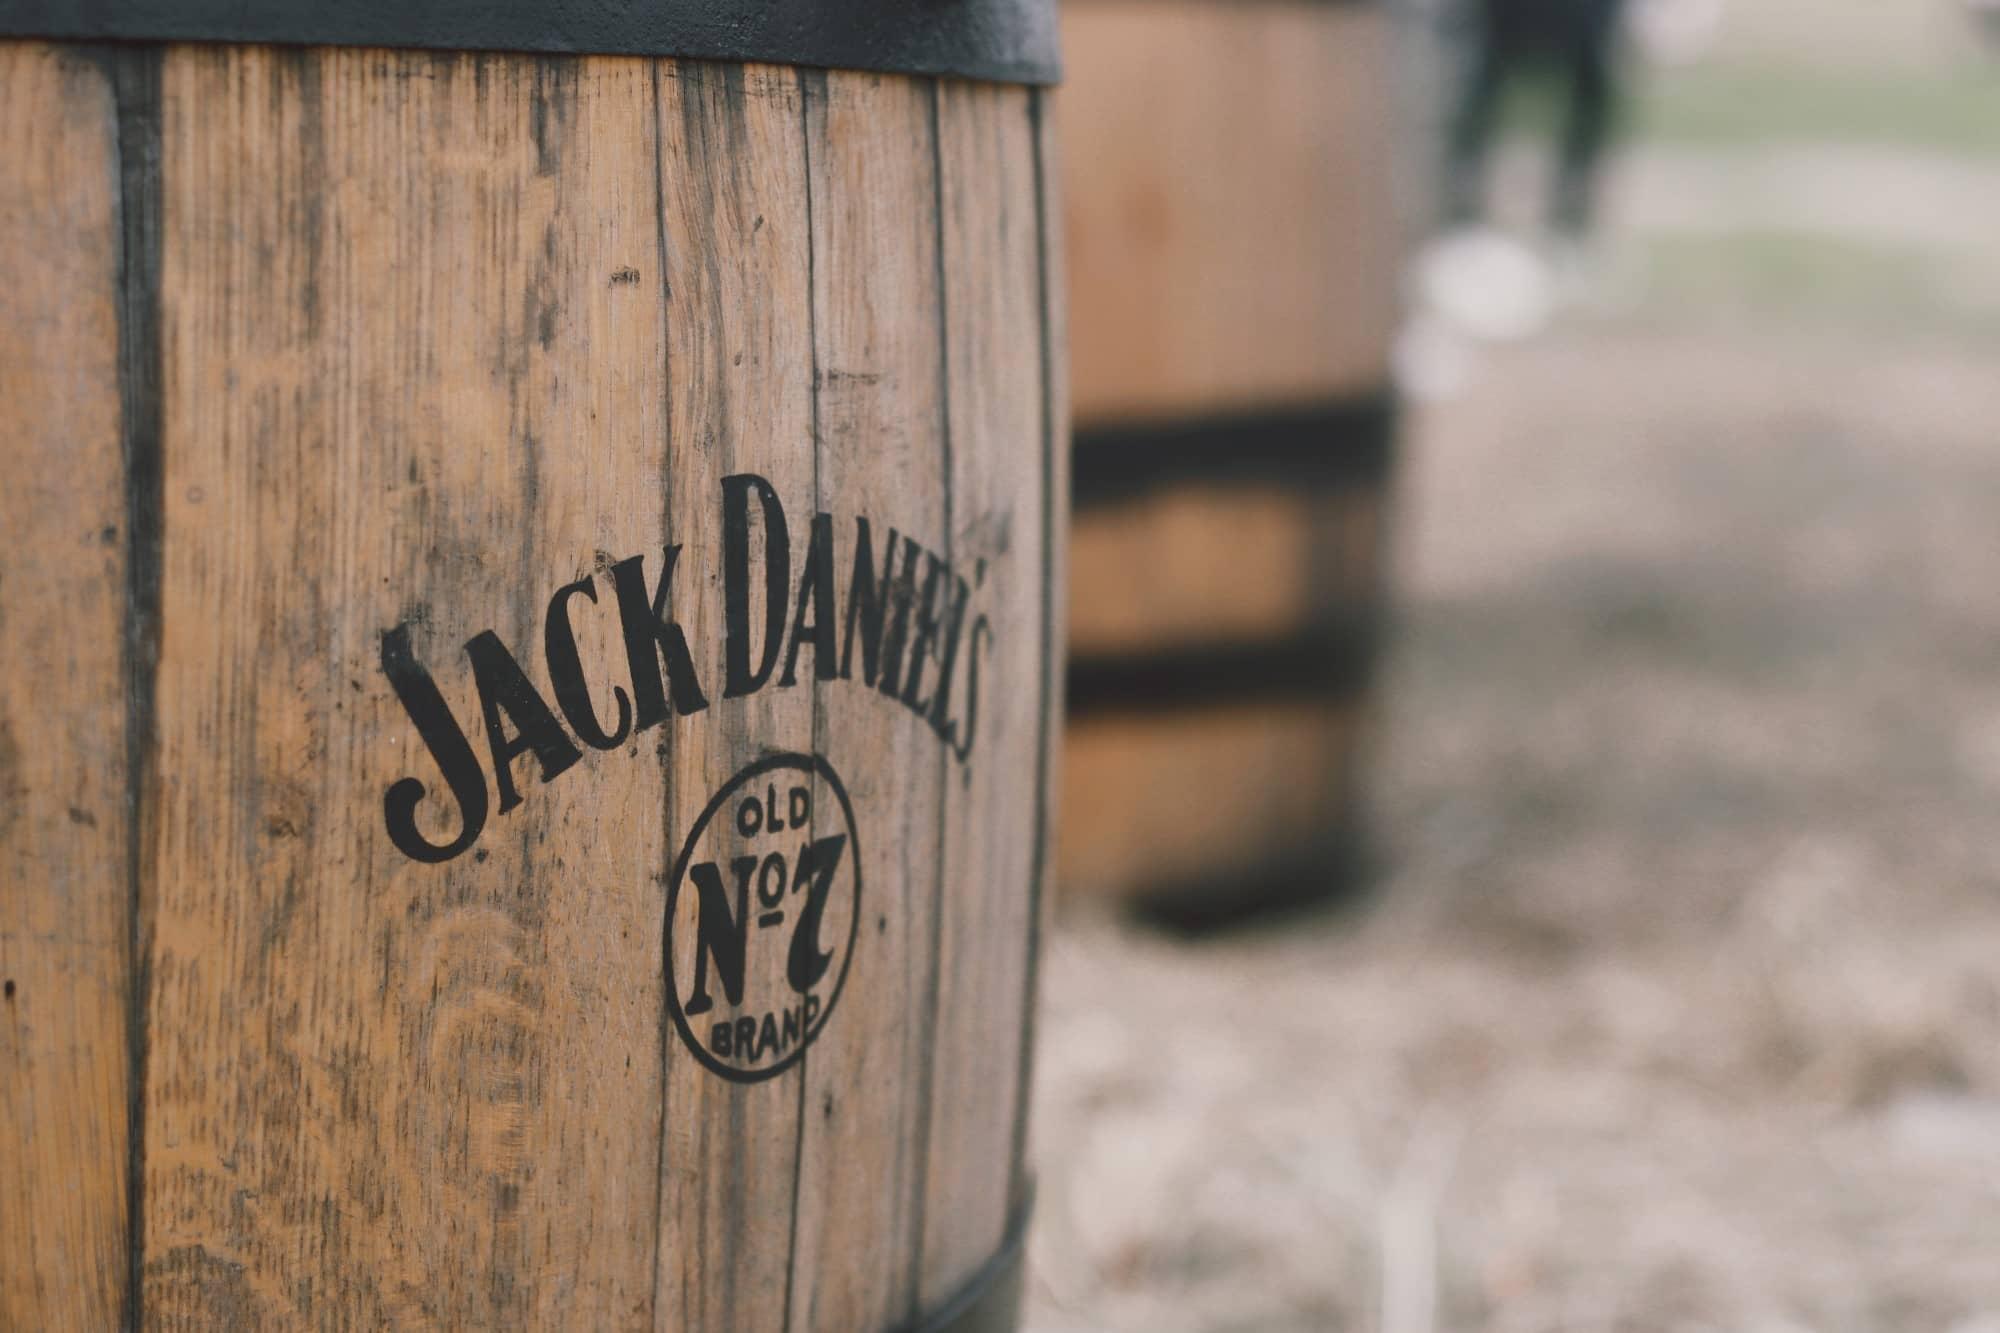 Barrel of Jack Daniels No7